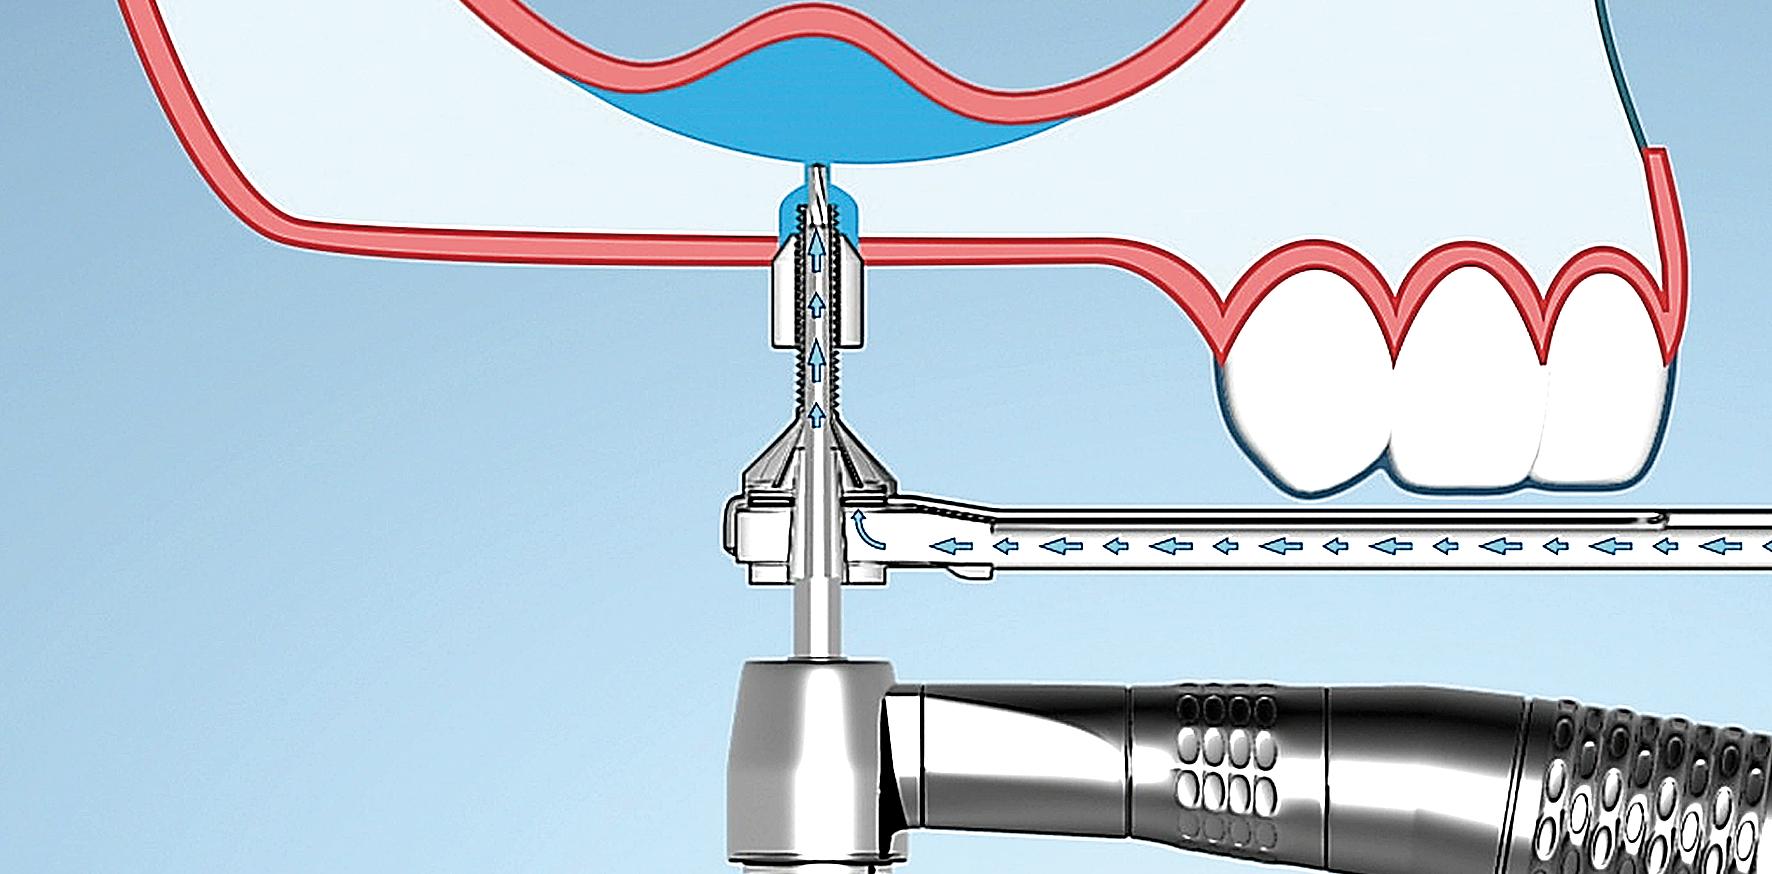 Minimalinvasiver Sinuslift mit hohem hydraulischen Druck